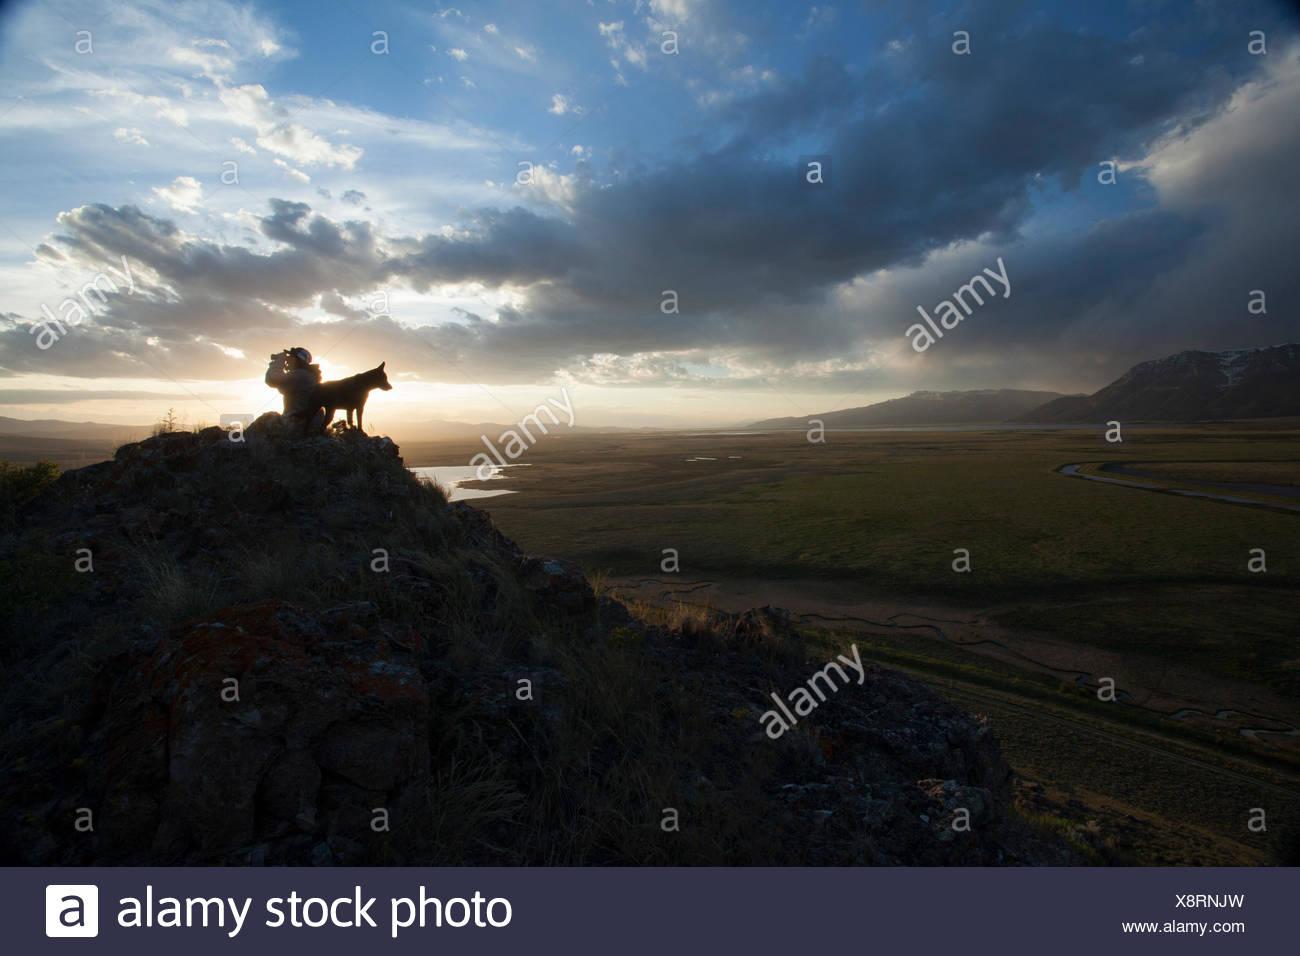 Wildlife Tourguide in den größeren Yellowstone-Ökosystems findet in den Sonnenuntergang mit seinem Hund. Stockbild